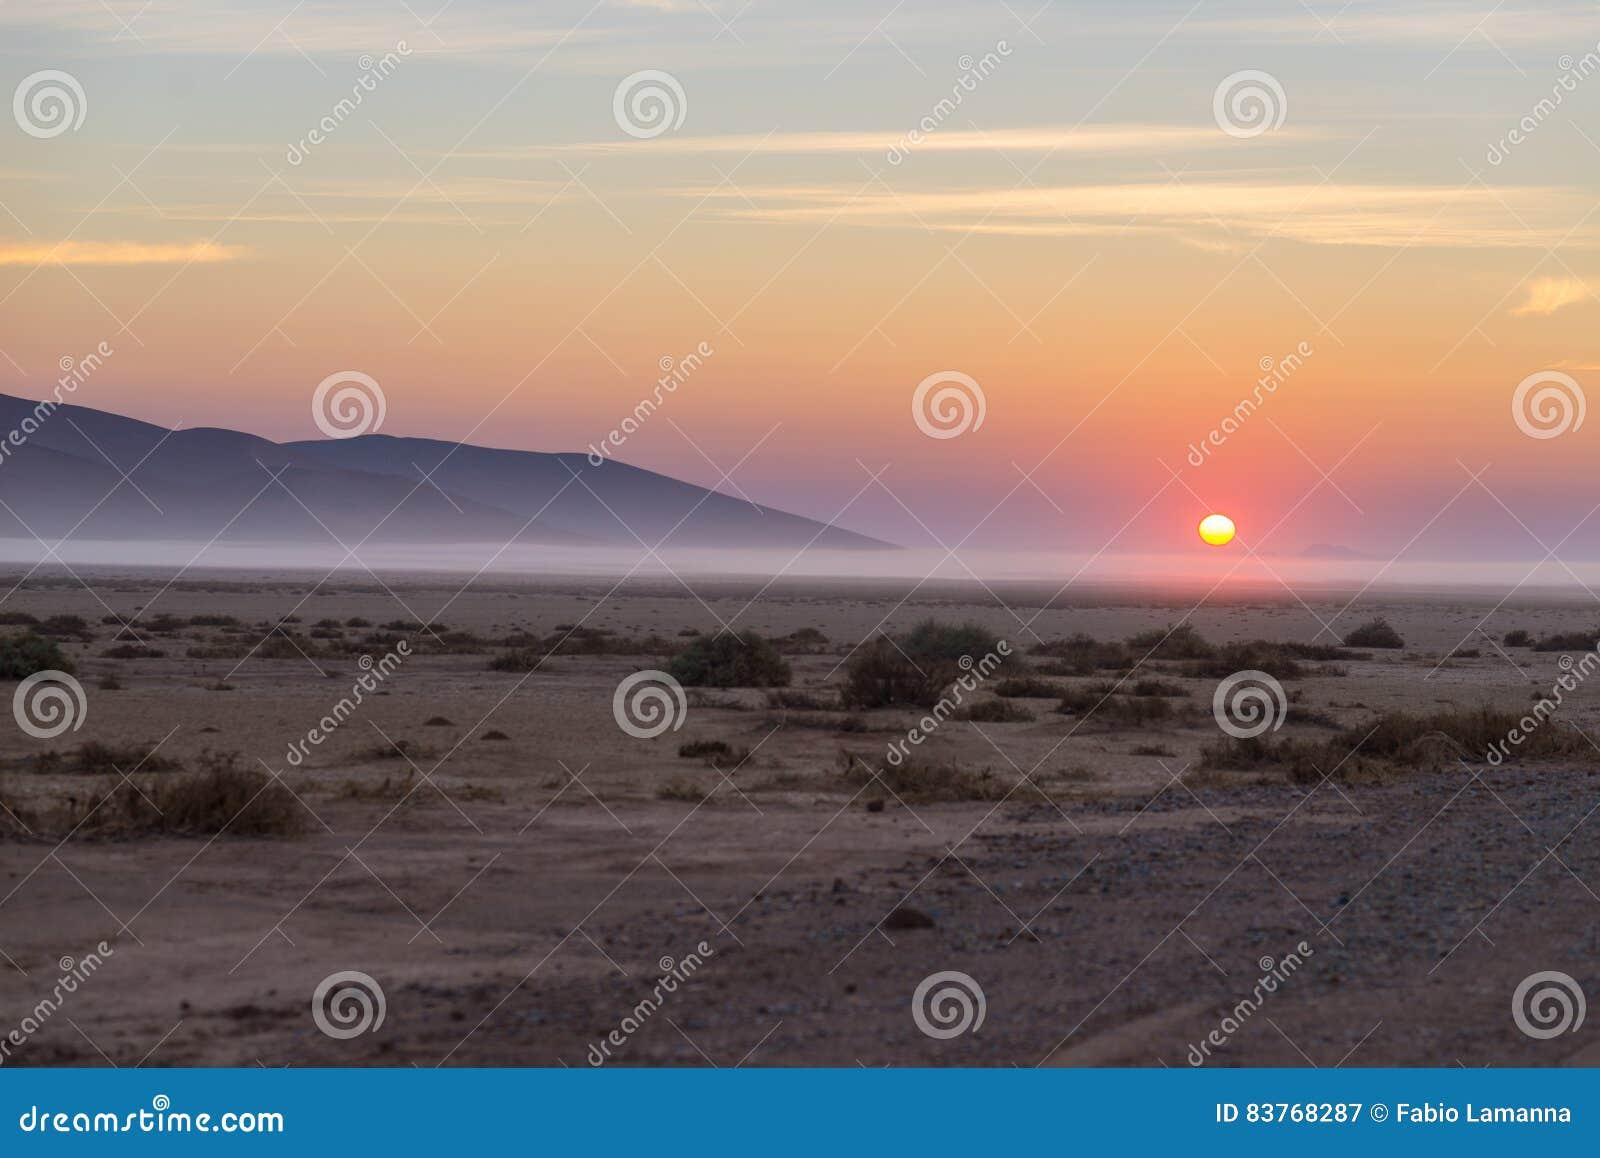 Восход солнца над пустыней Namib, roadtrip в чудесном национальном парке Namib Naukluft, назначение перемещения в Намибии, Африке